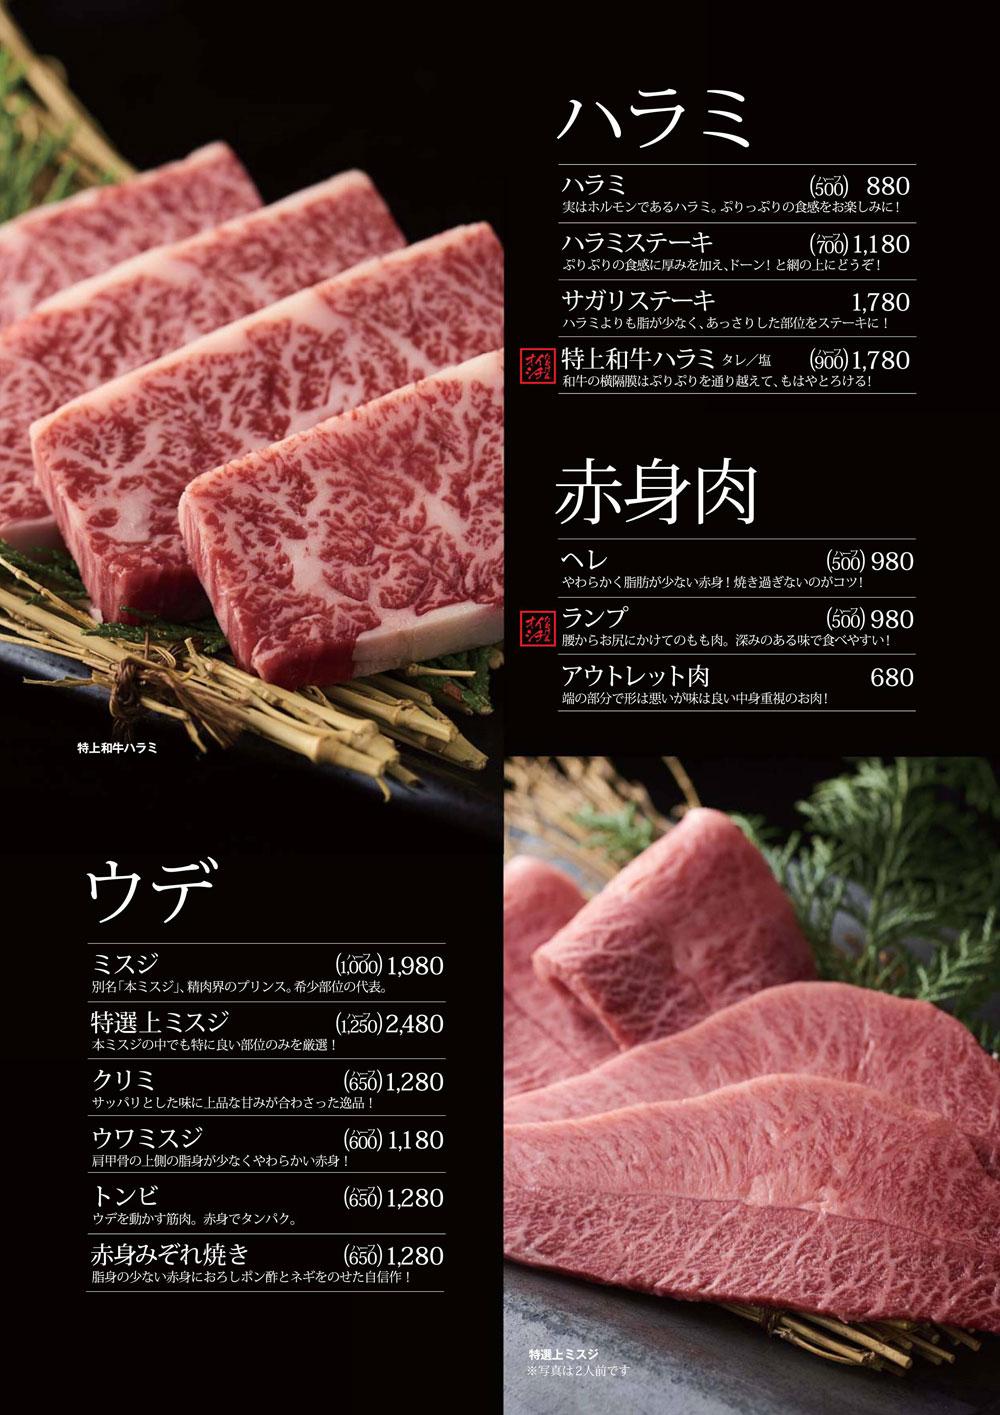 ハラミ・赤身肉・ウデメニュー